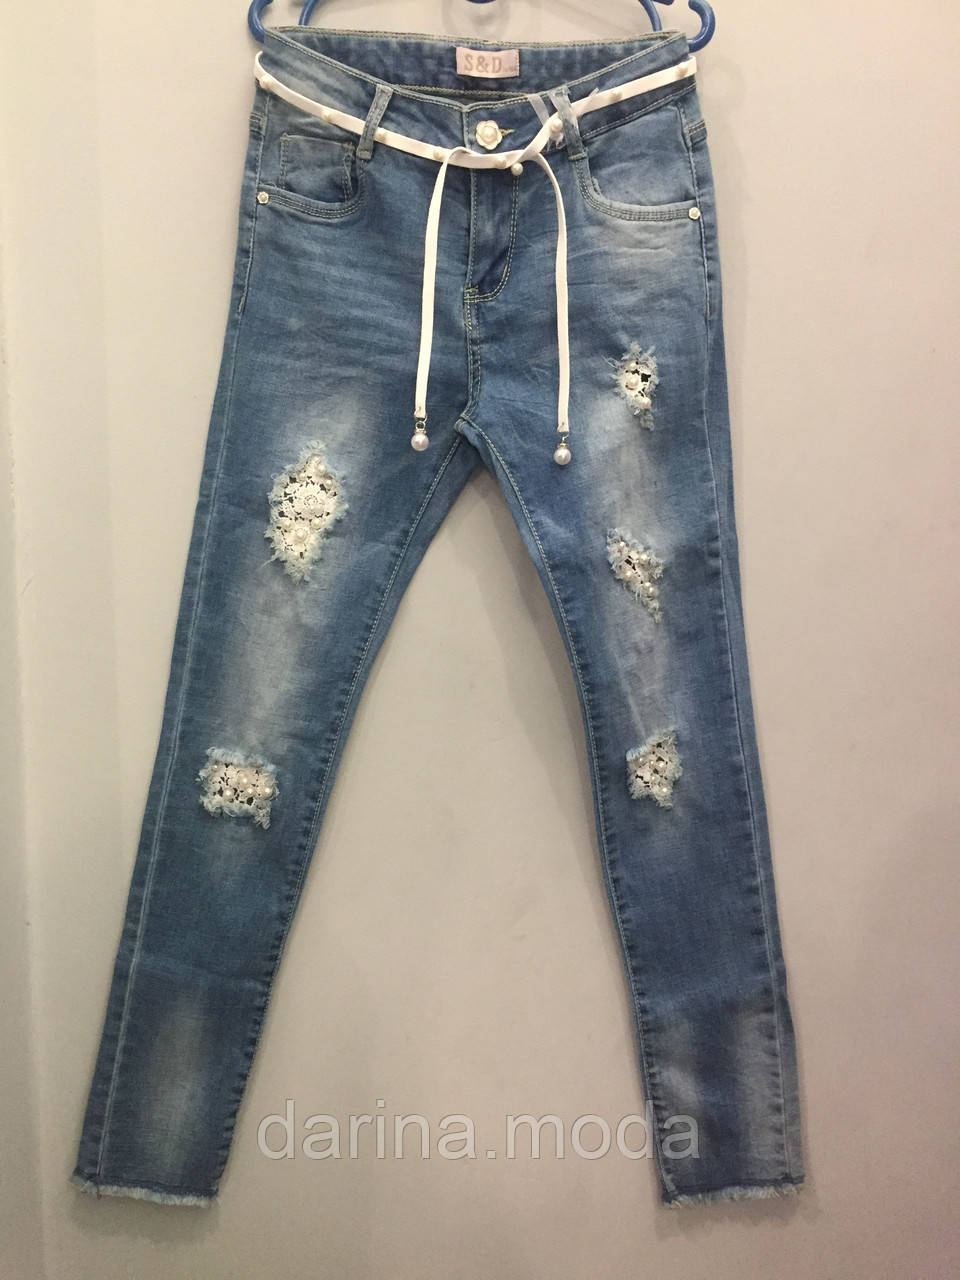 Модные подростковые джинсы для девочки 8(140),12(152)